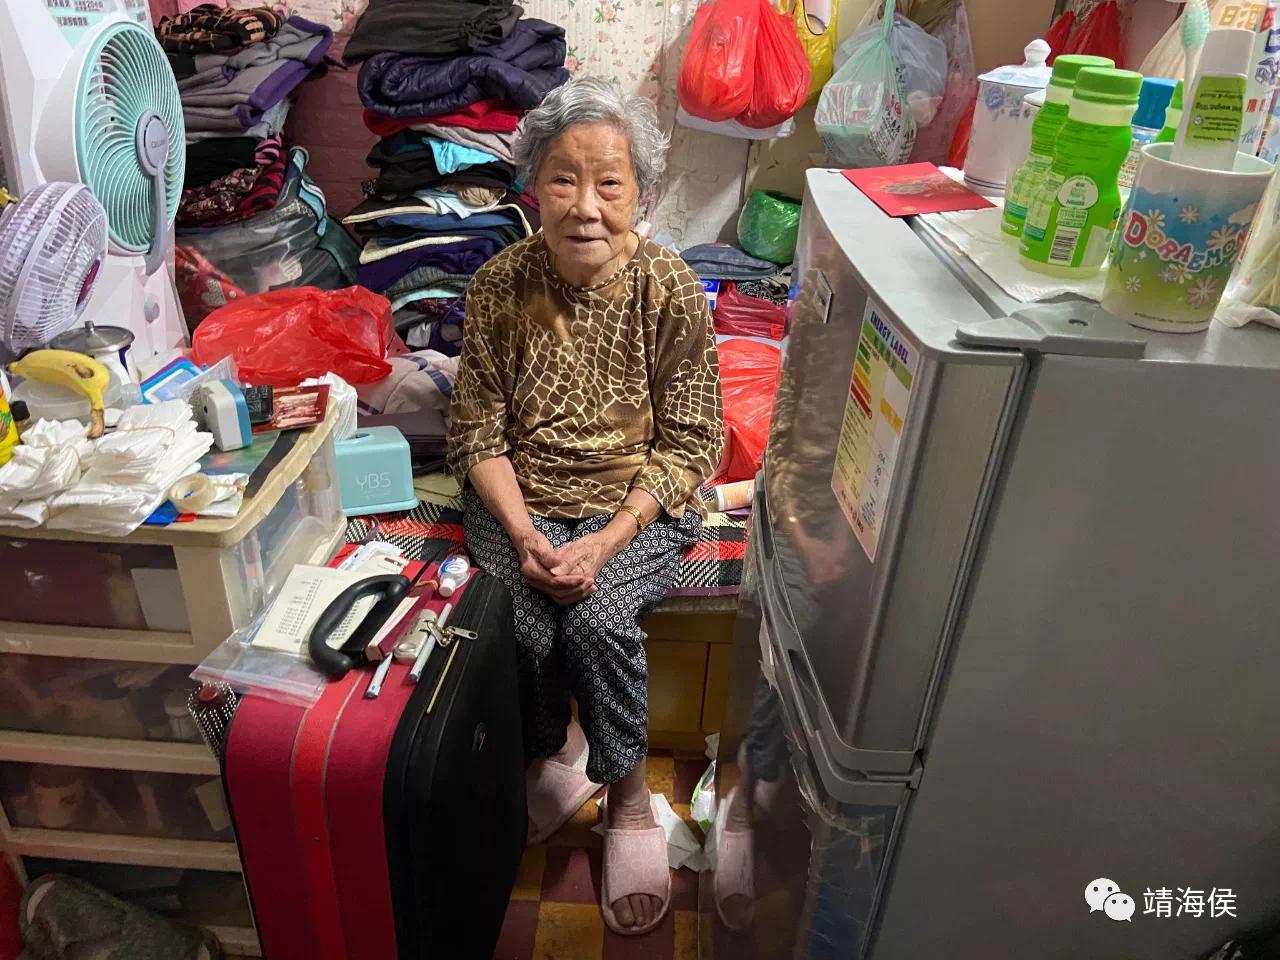 婆婆何麗清說:「有時在街上見到一些貴一點的食物,我很想買來吃,但我買不起。」,她唯有祈禱。圖片:李敏妮